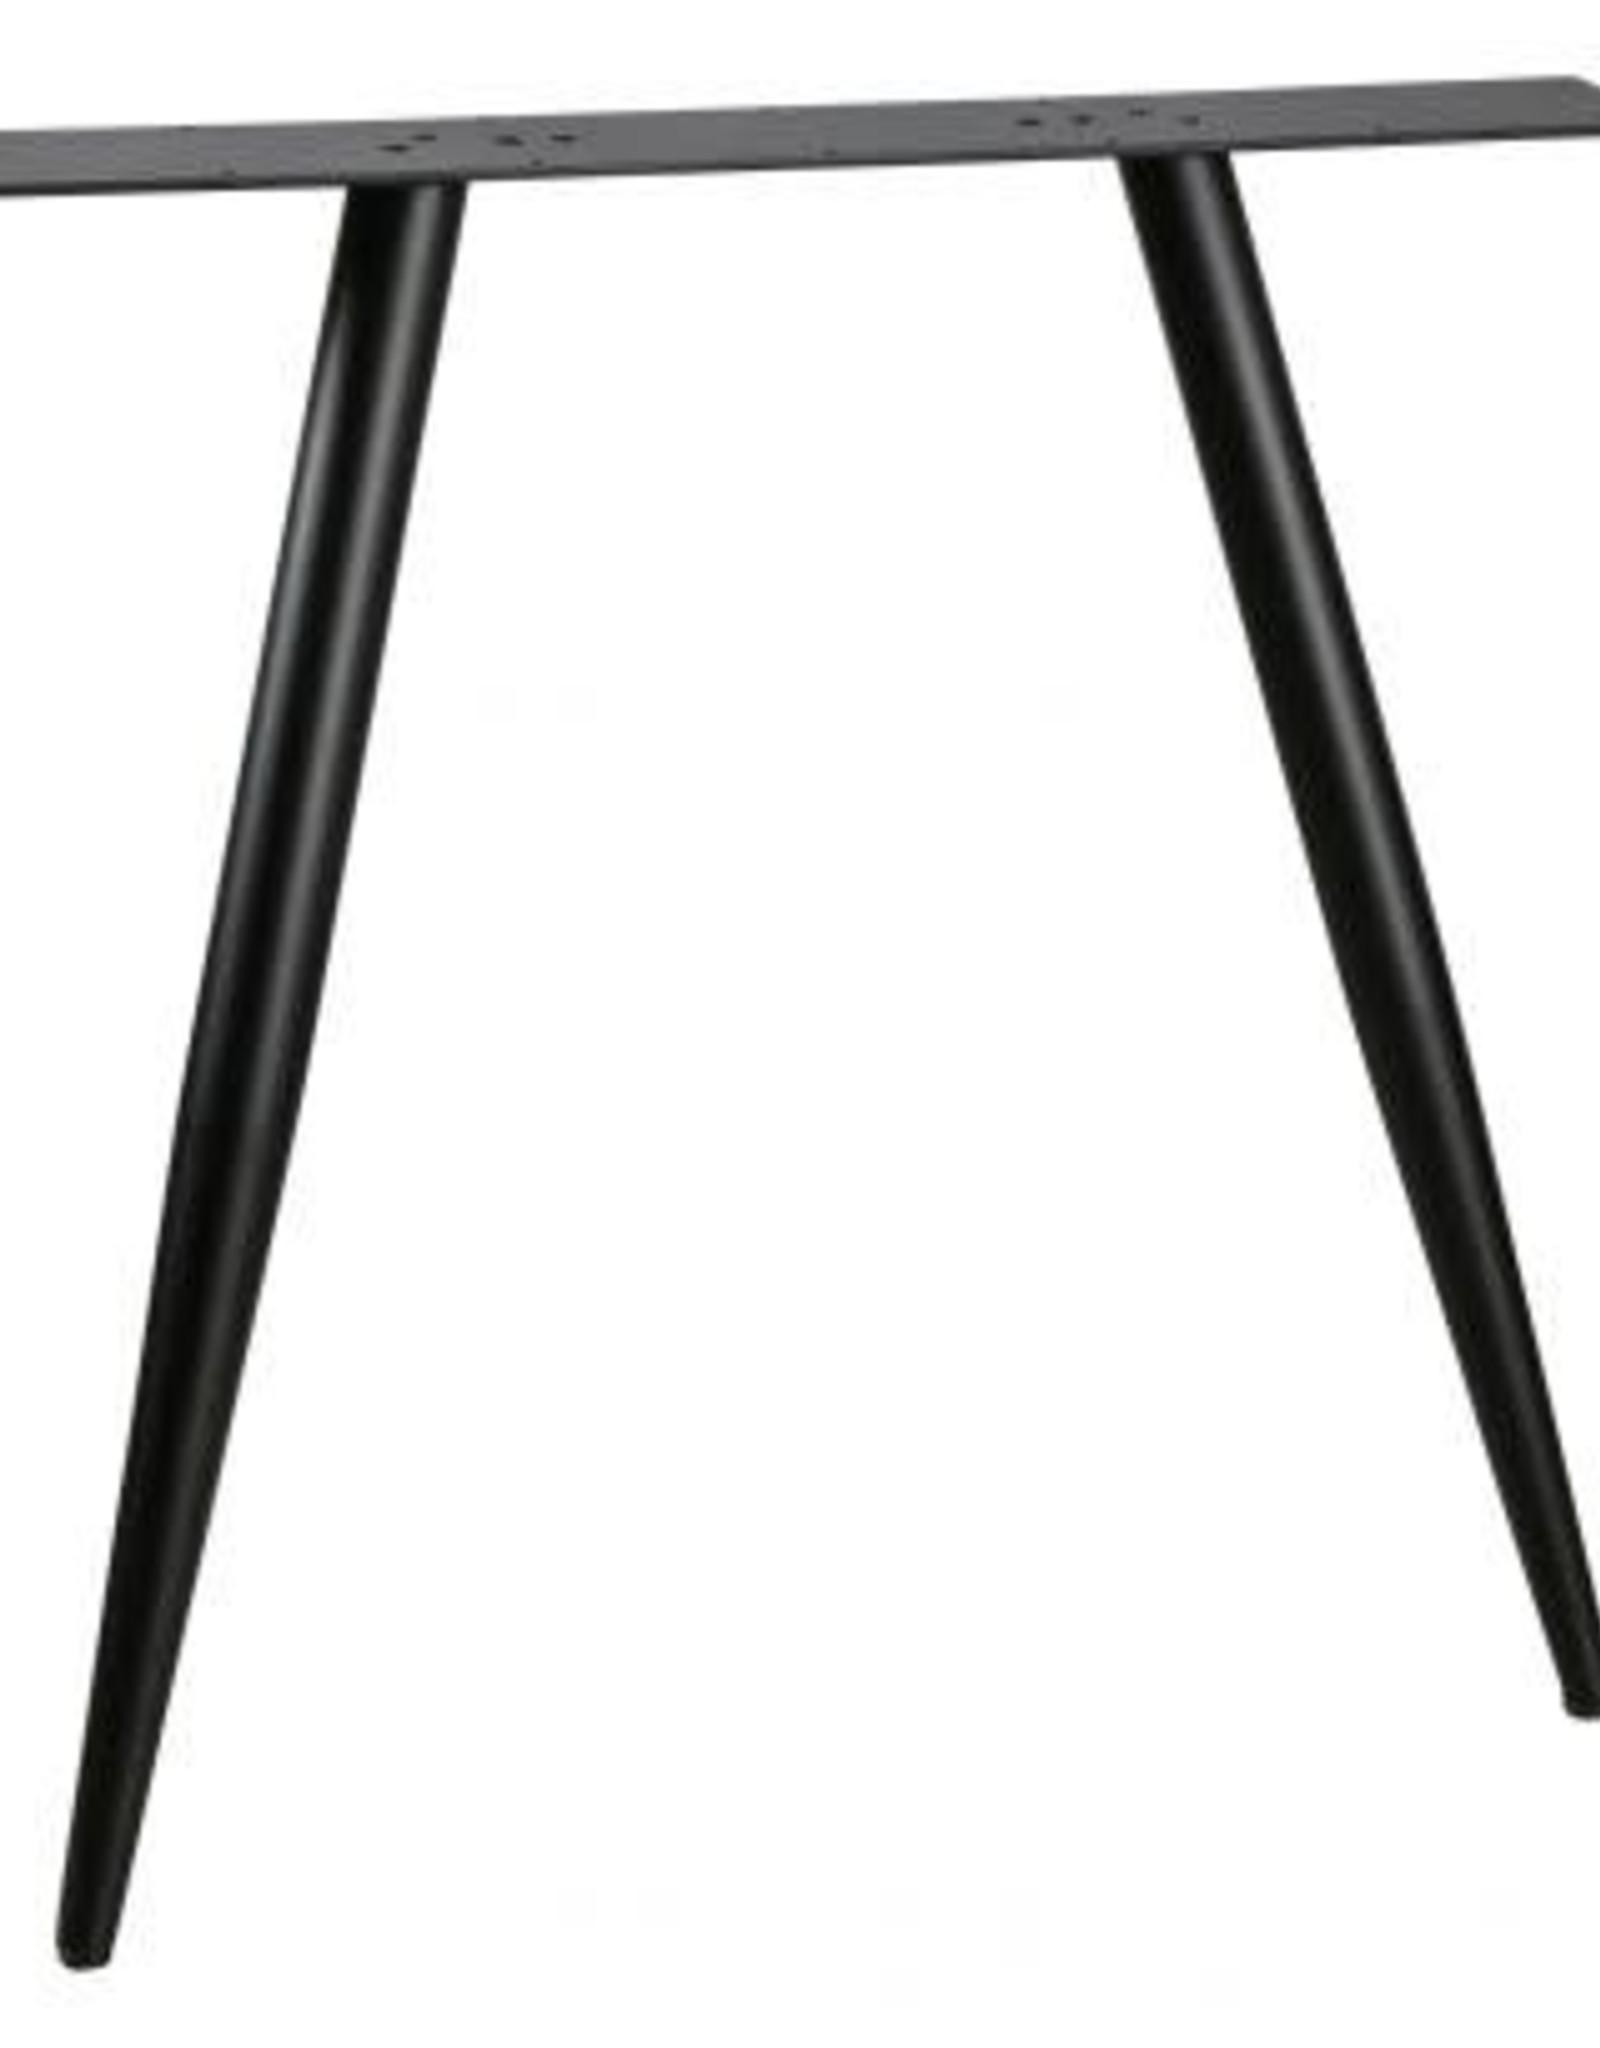 Tafelpoten set v 2 Modulair  - conisch zwart metaal